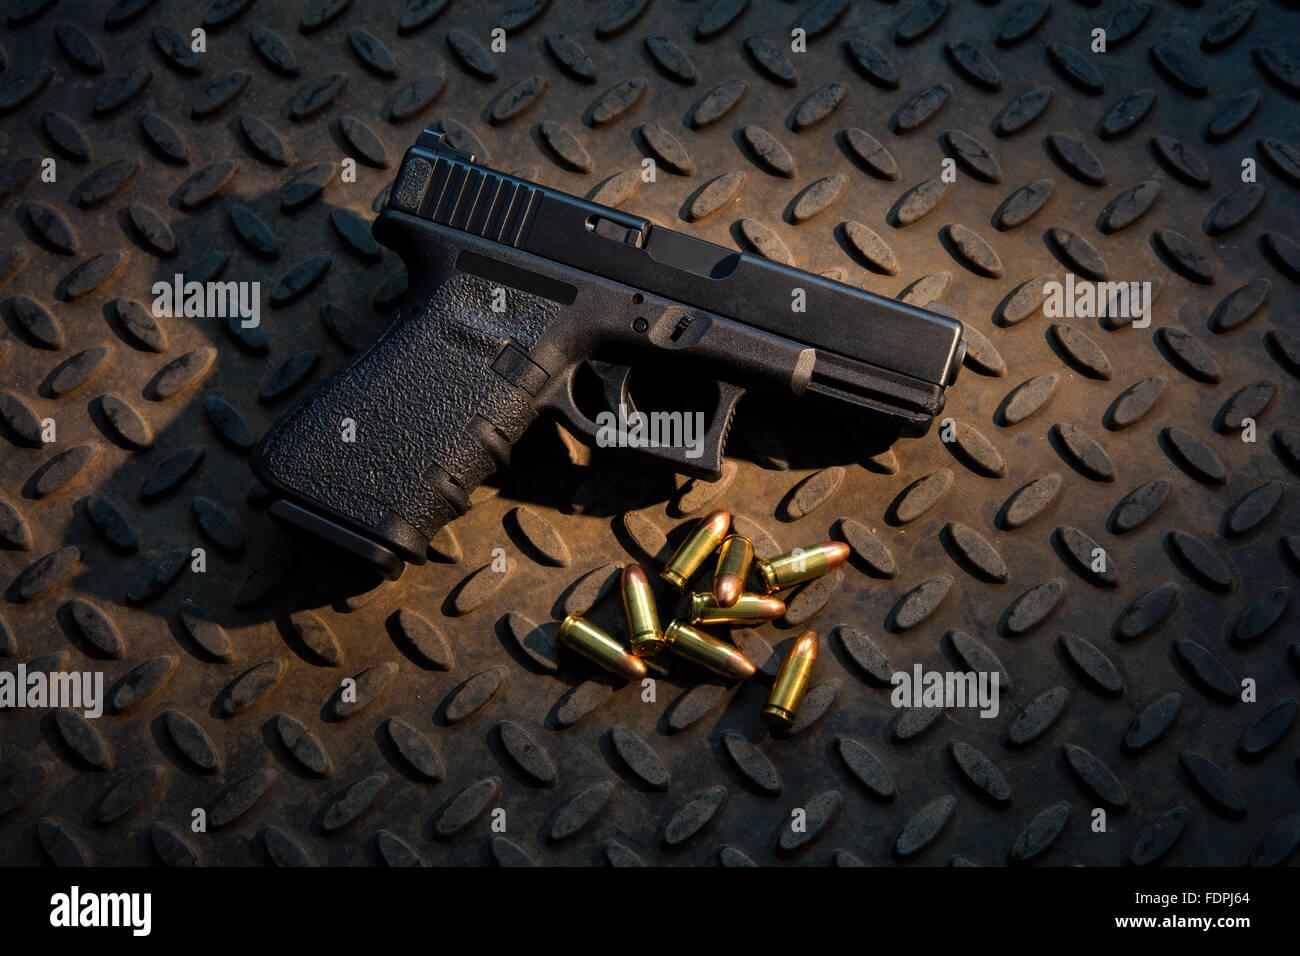 Halbautomatische 9mm Pistole mit scharfer Munition. Stockbild